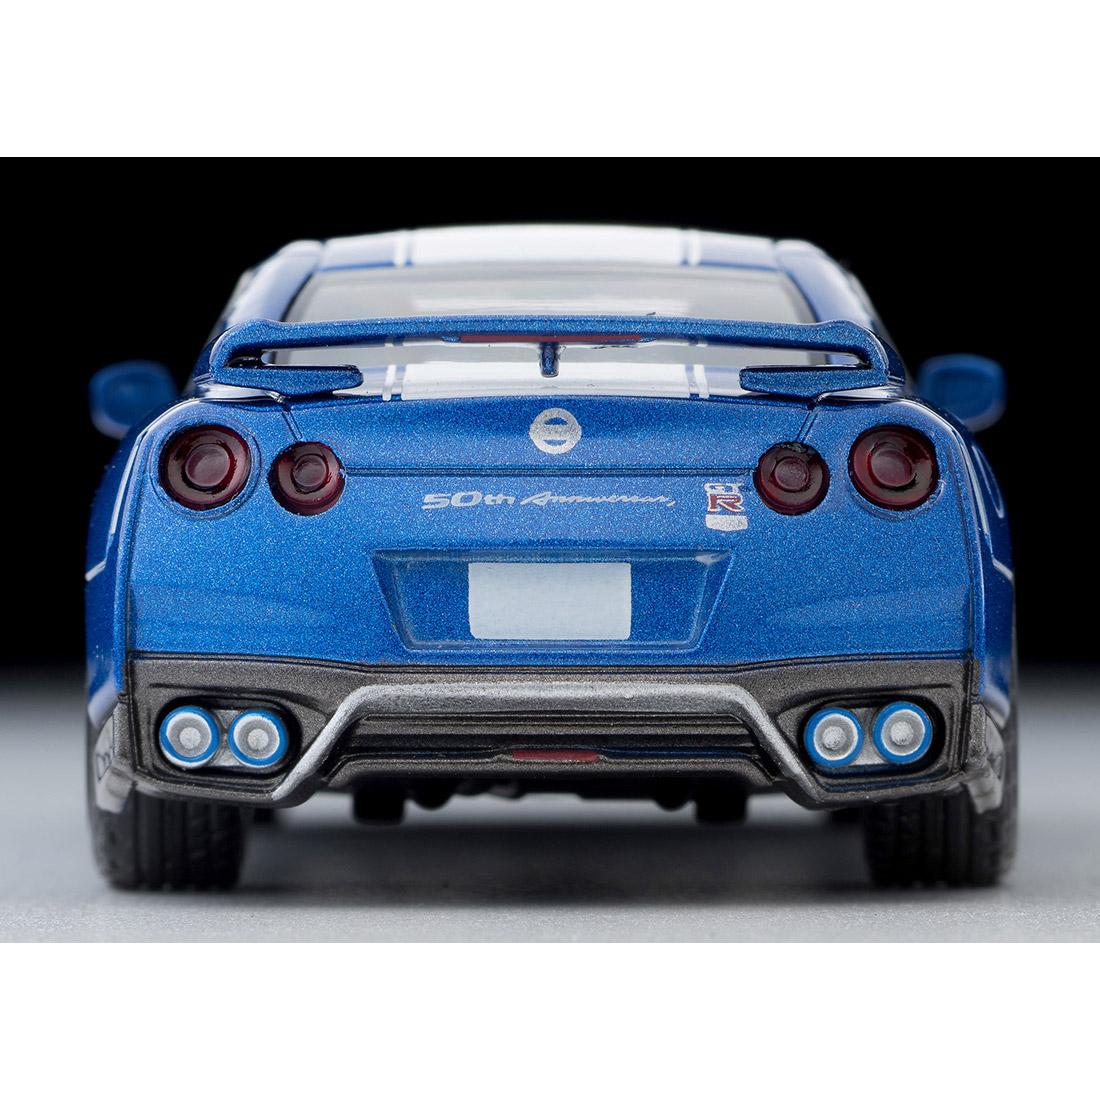 トミカリミテッドヴィンテージ ネオ LV-N200a『日産GT-R 50th ANNIVERSARY(青)』1/64 ミニカー-005